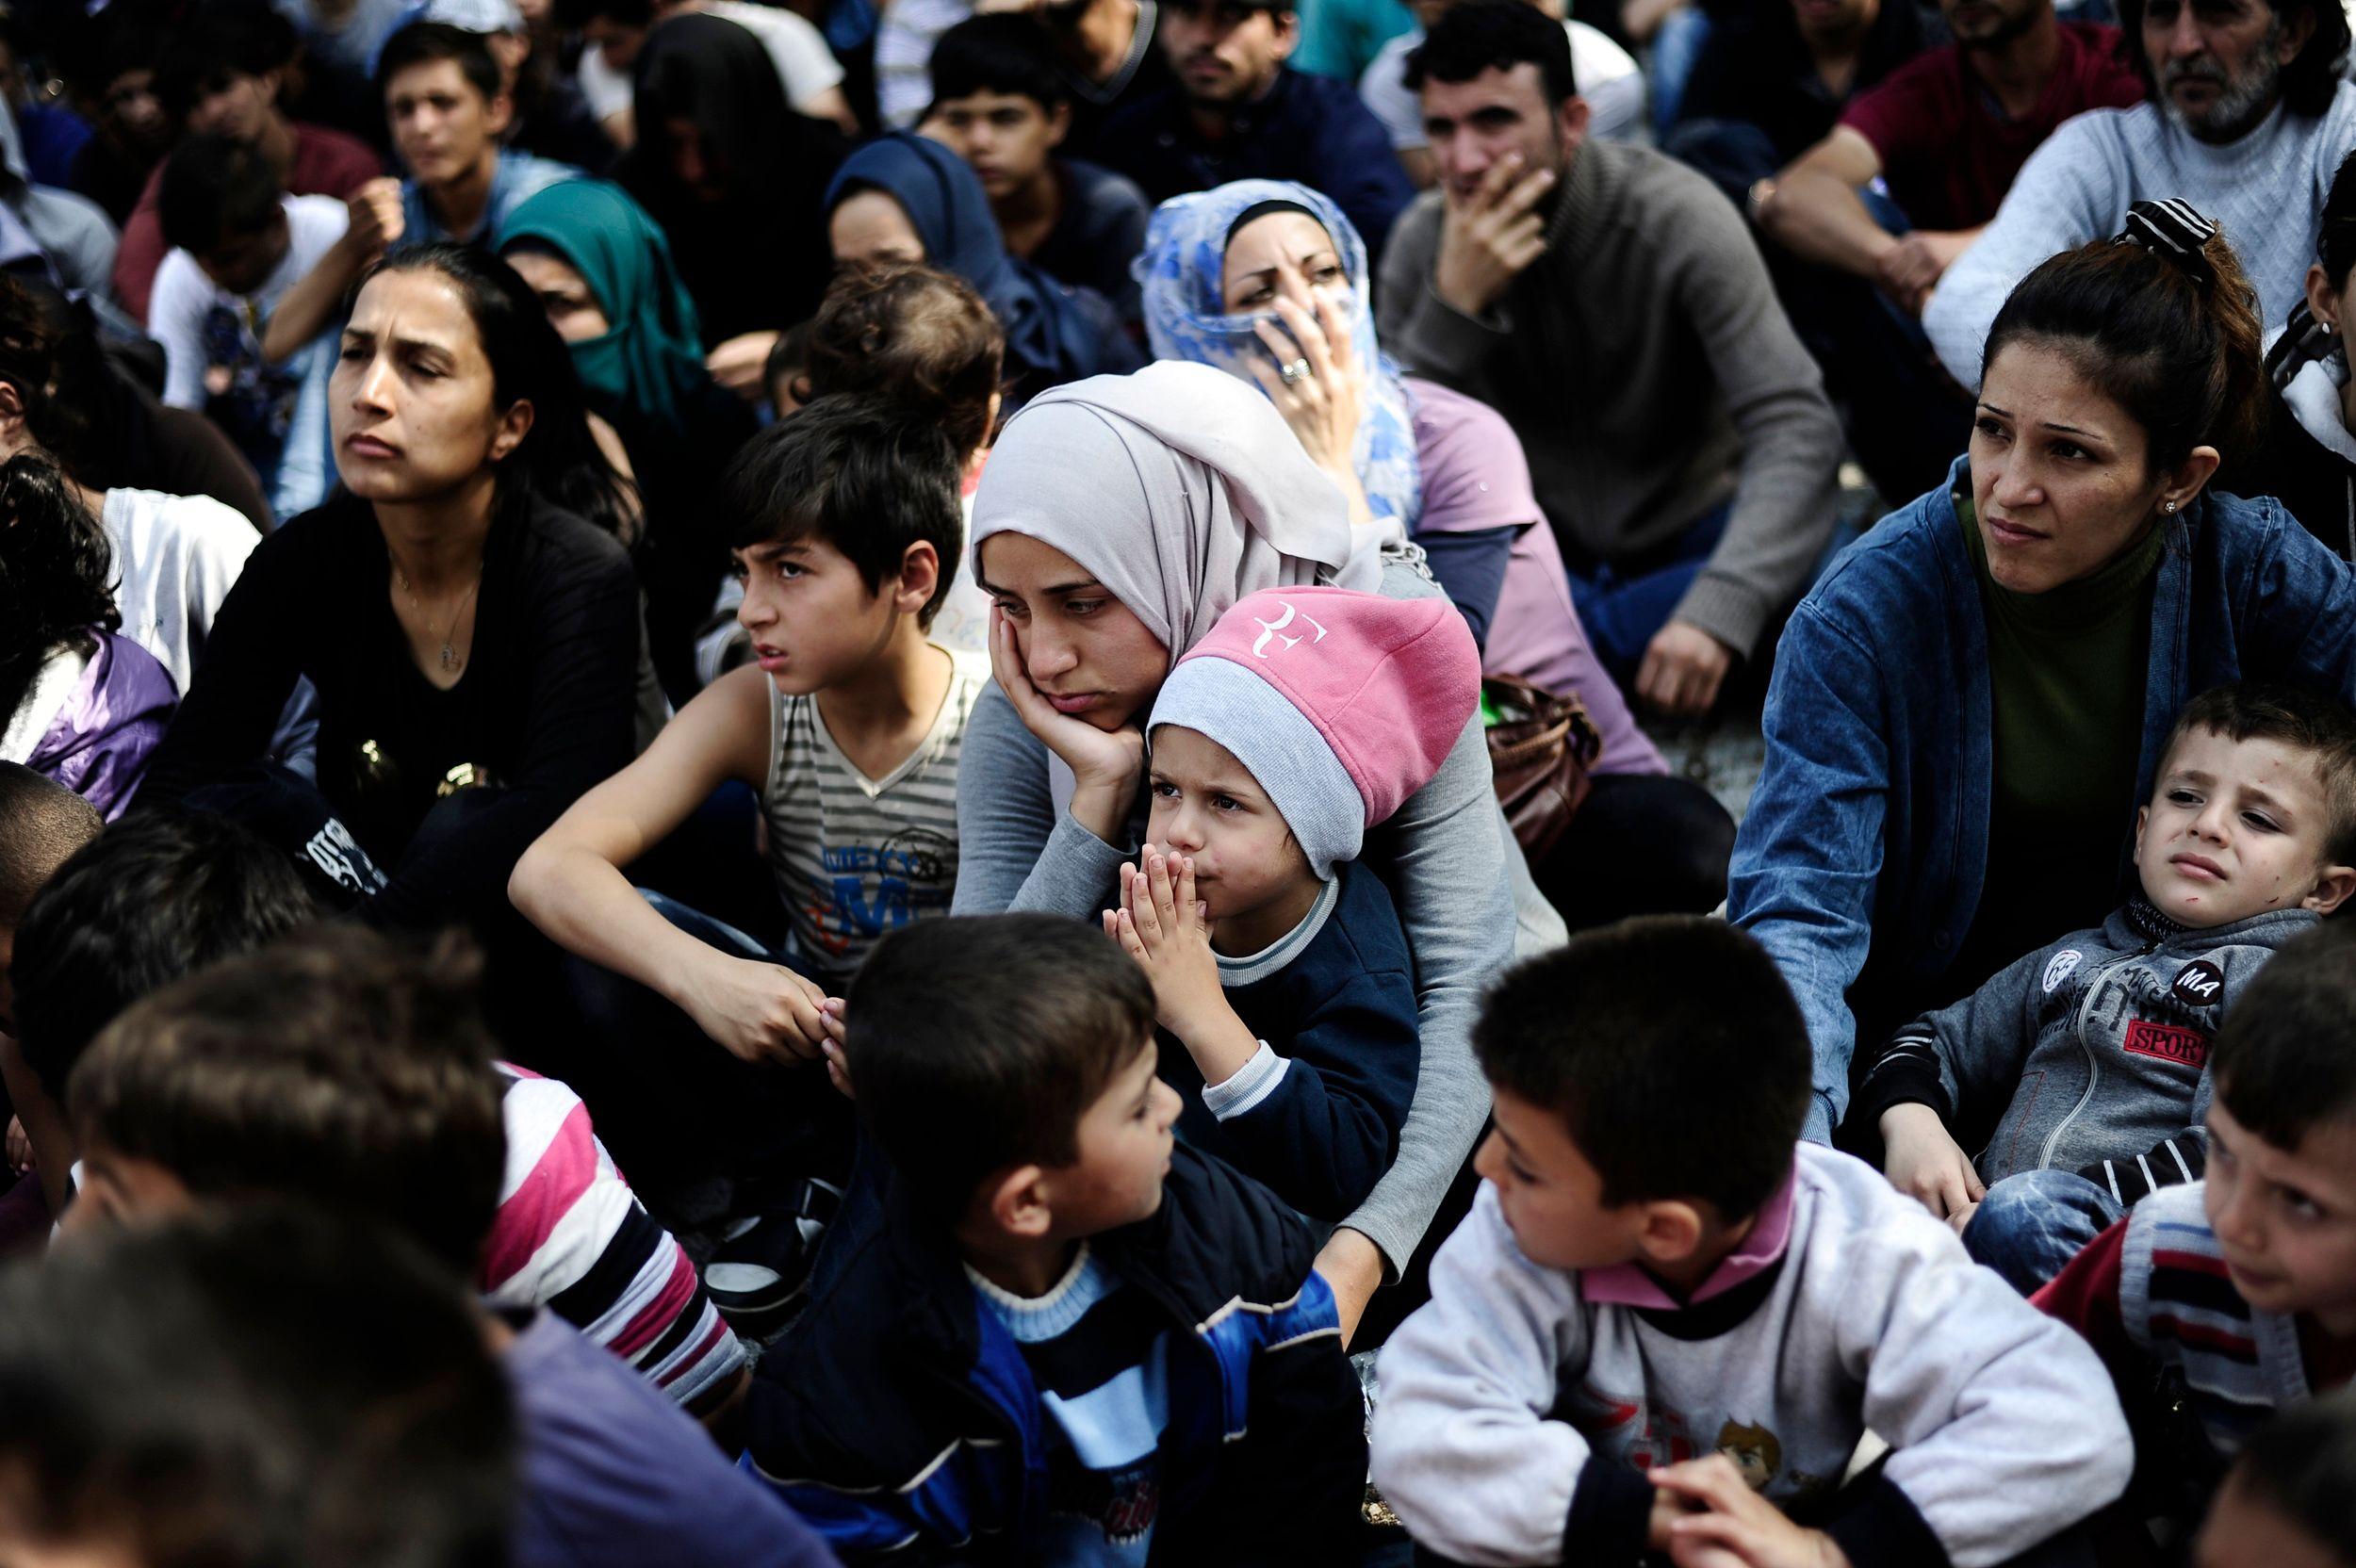 L'Union européenne mobilise 1,7 milliard d'euros pour gérer la crise des migrants